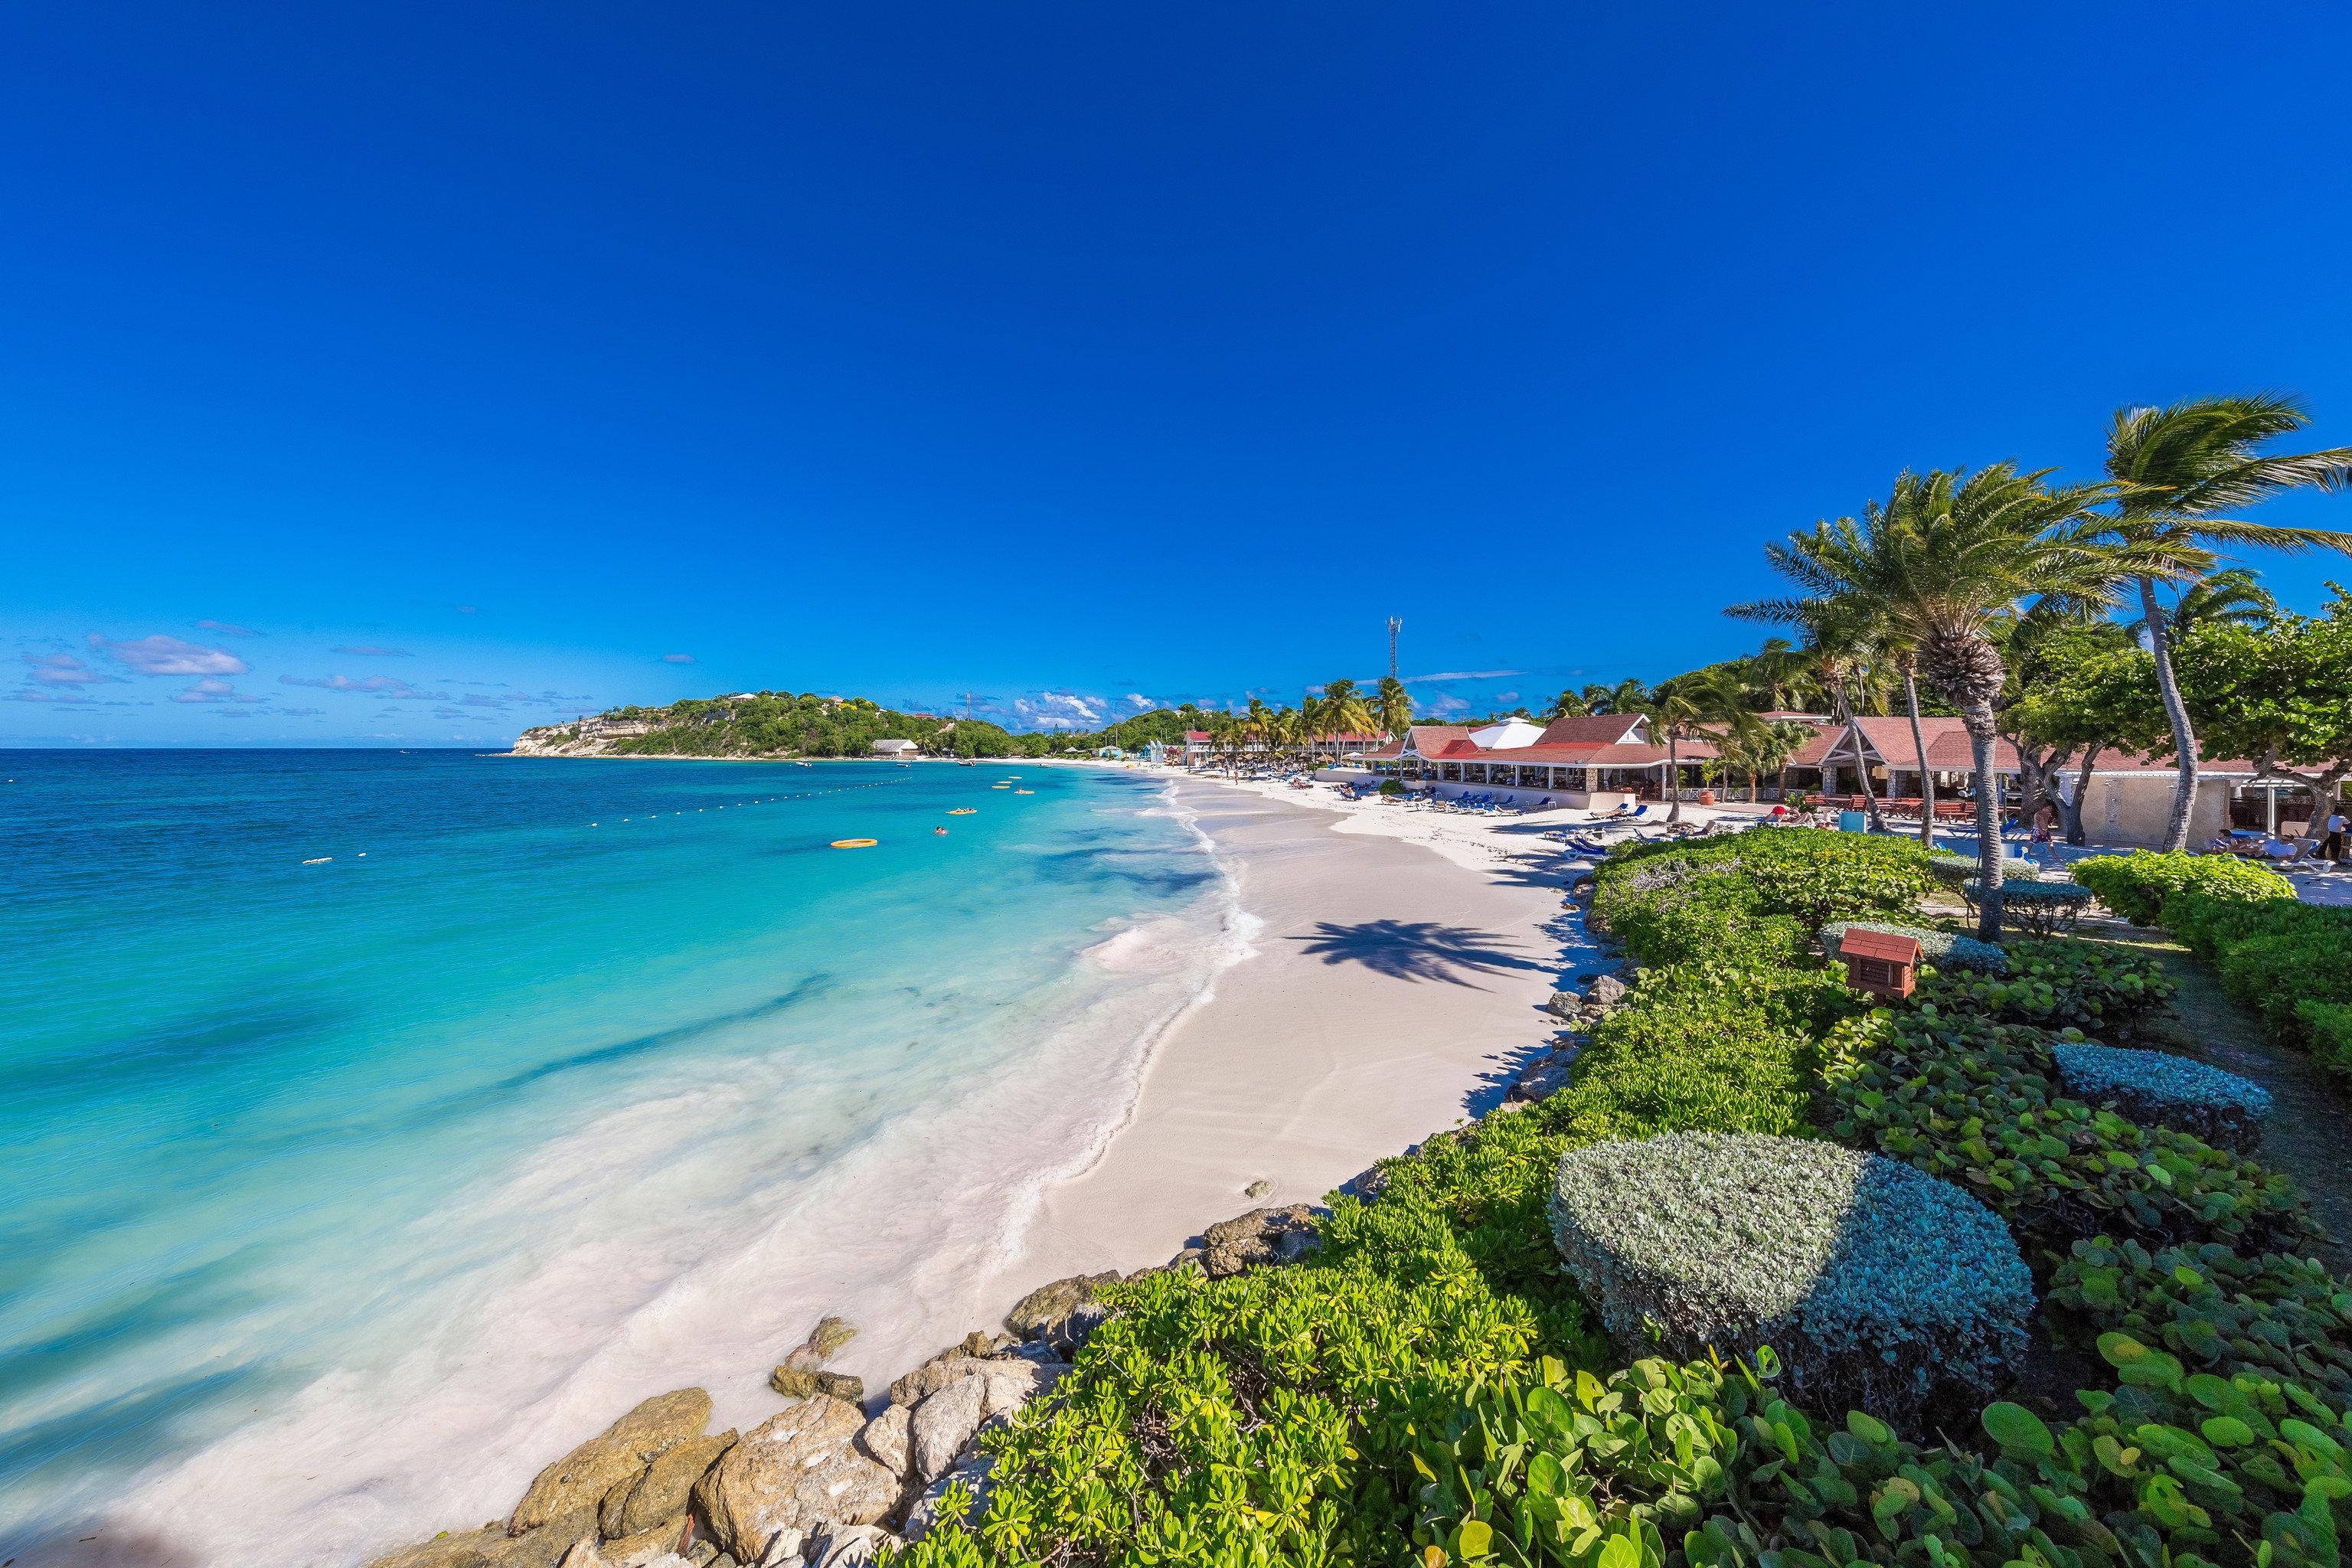 sky water Beach Nature Coast Sea shore Ocean caribbean tropics cape cove reef Island Lagoon Resort islet